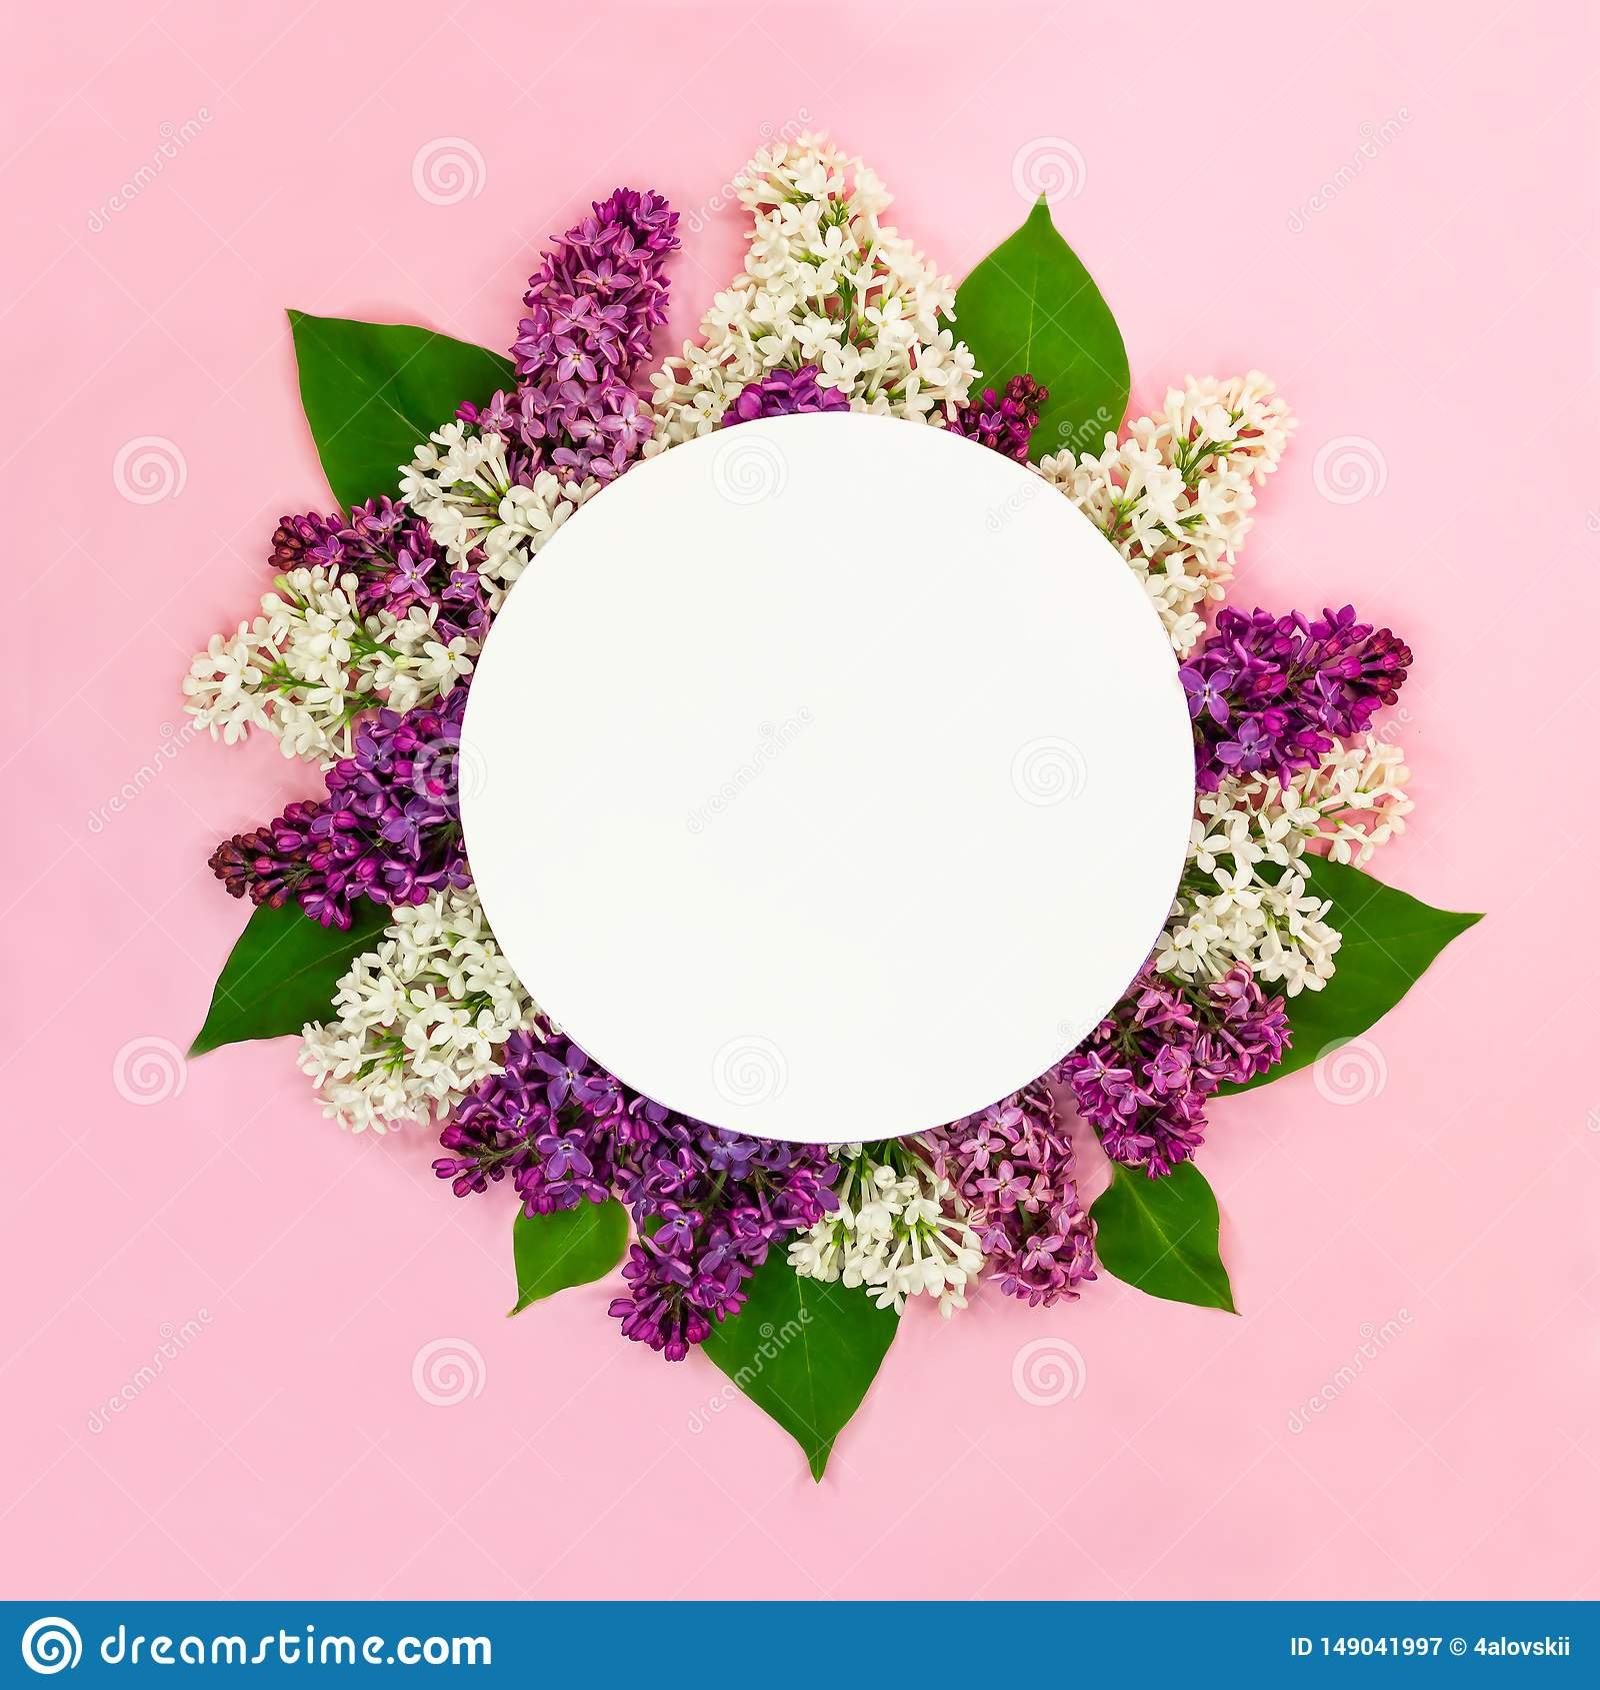 Composição floral do círculo bonito das flores lilás brancas, roxas com cartão vazio e do lugar para o texto no fundo cor-de-rosa